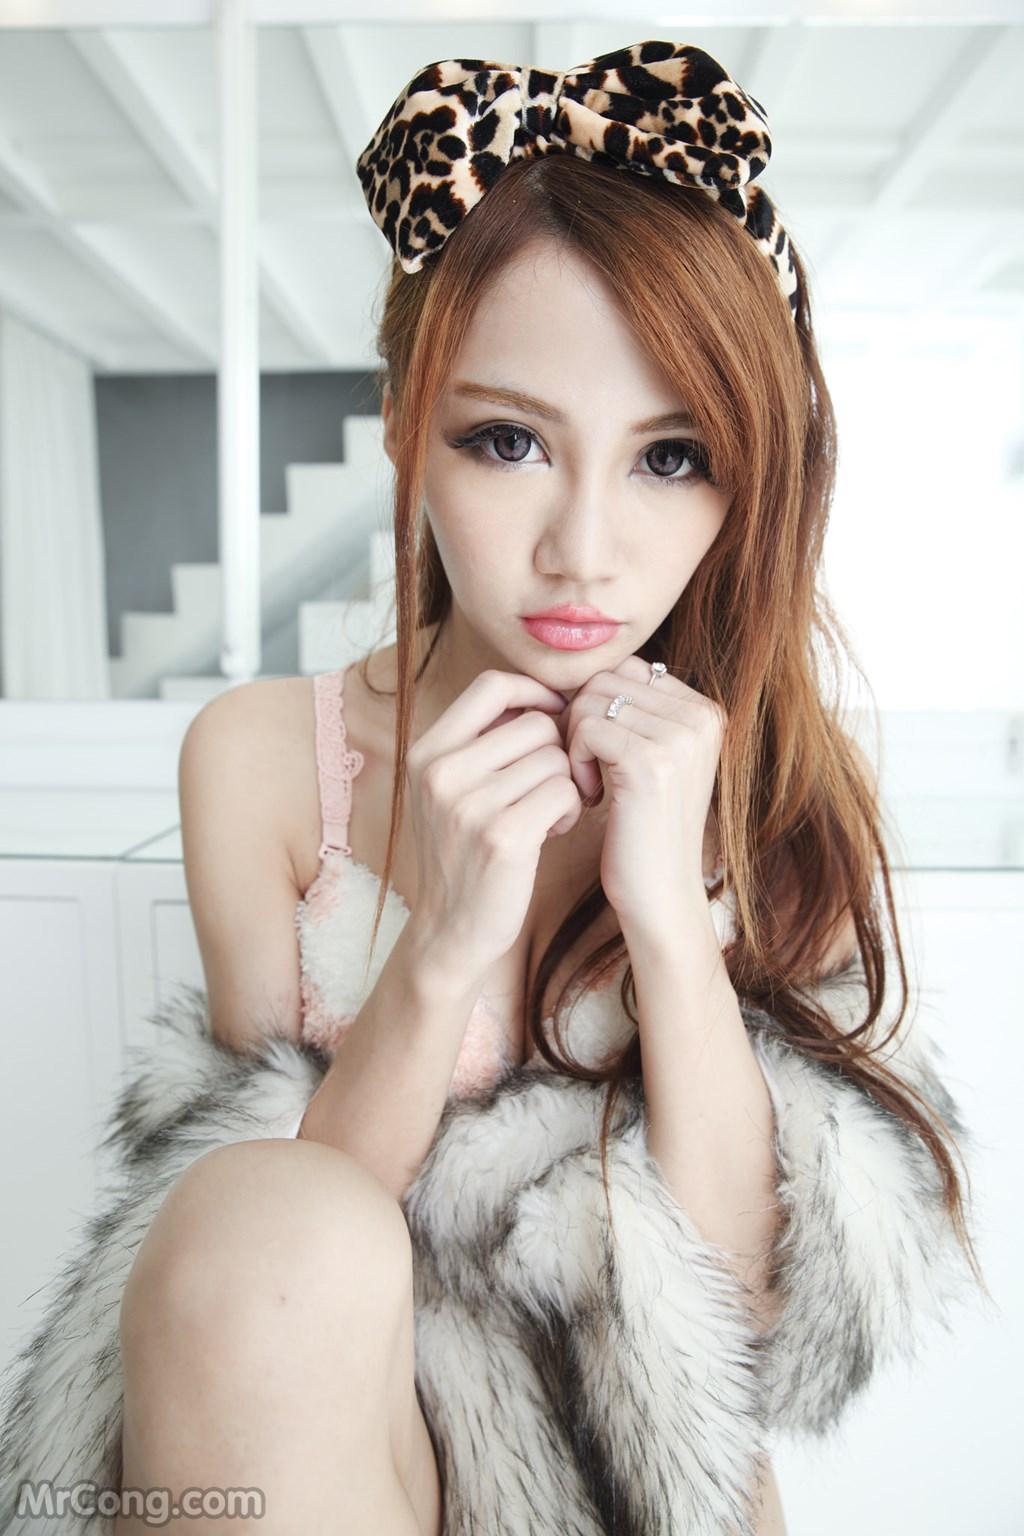 Image Girl-xinh-Dai-Loan-by-Joseph-Huang-Phan-1-MrCong.com-0031 in post Các cô gái Đài Loan qua góc chụp của Joseph Huang (黃阿文) - Phần 1 (1480 ảnh)